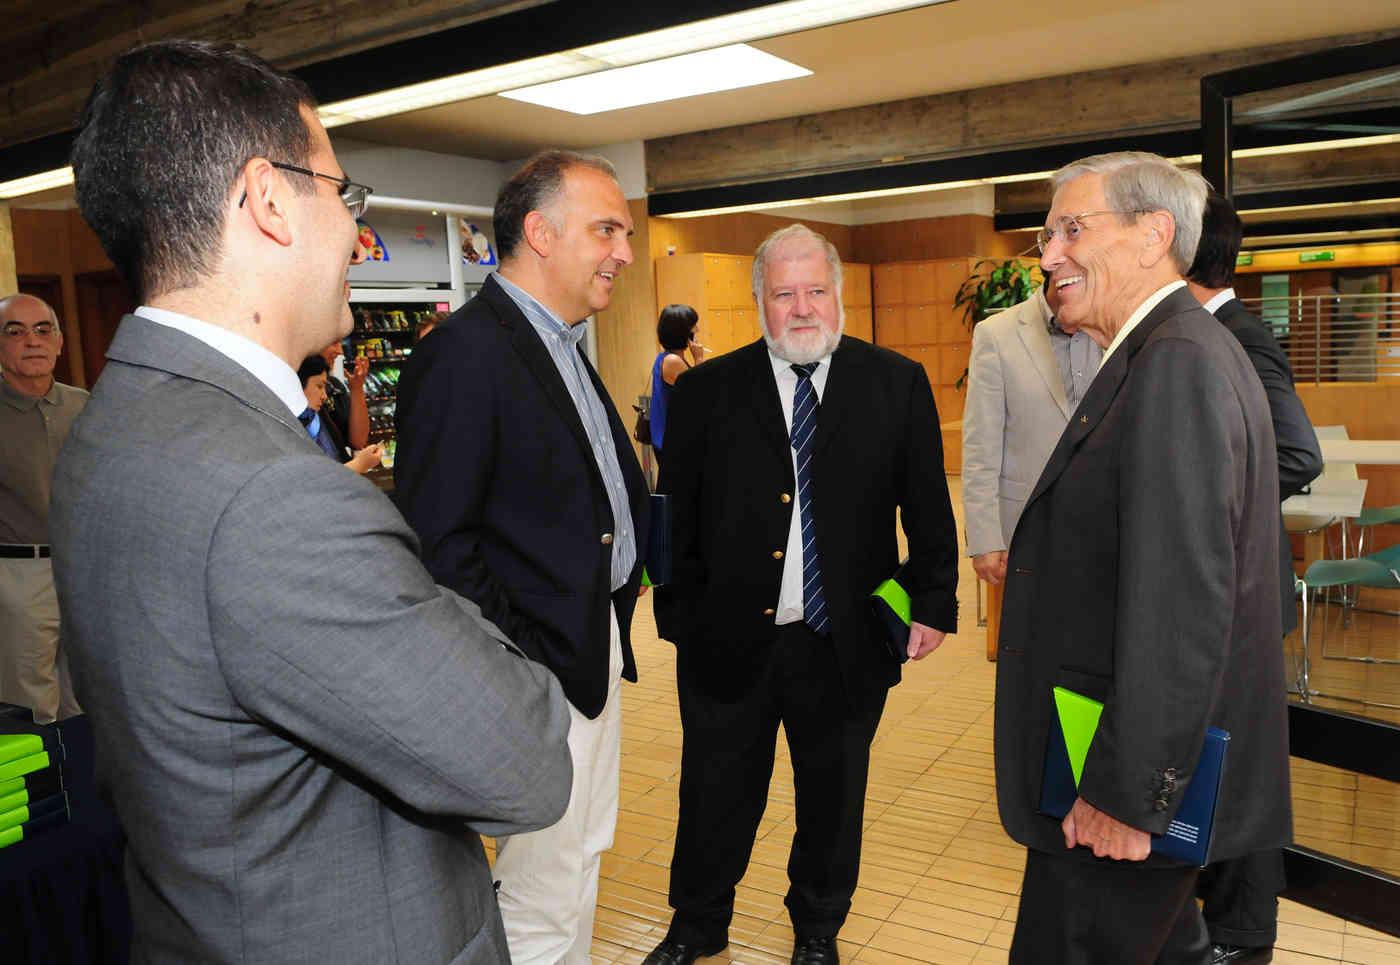 Estabelecer colaborações empresariais com ALUMNI da U.Porto